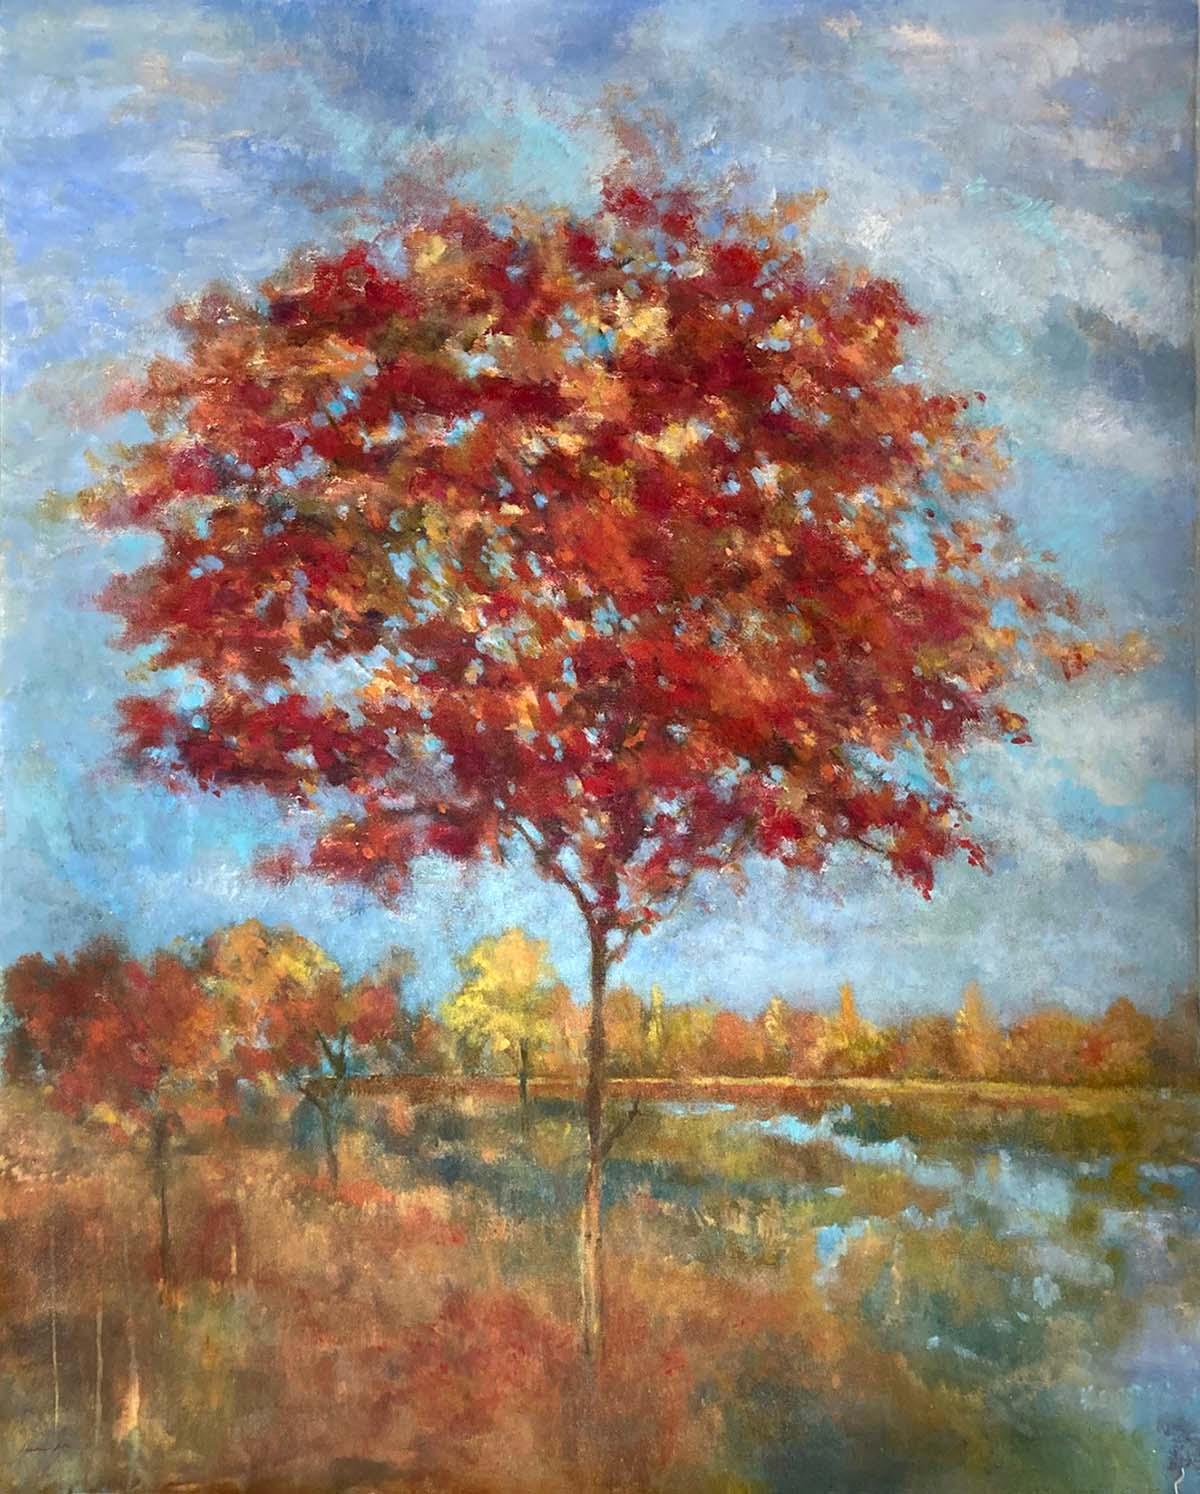 River's Edge - Fiona Hoop